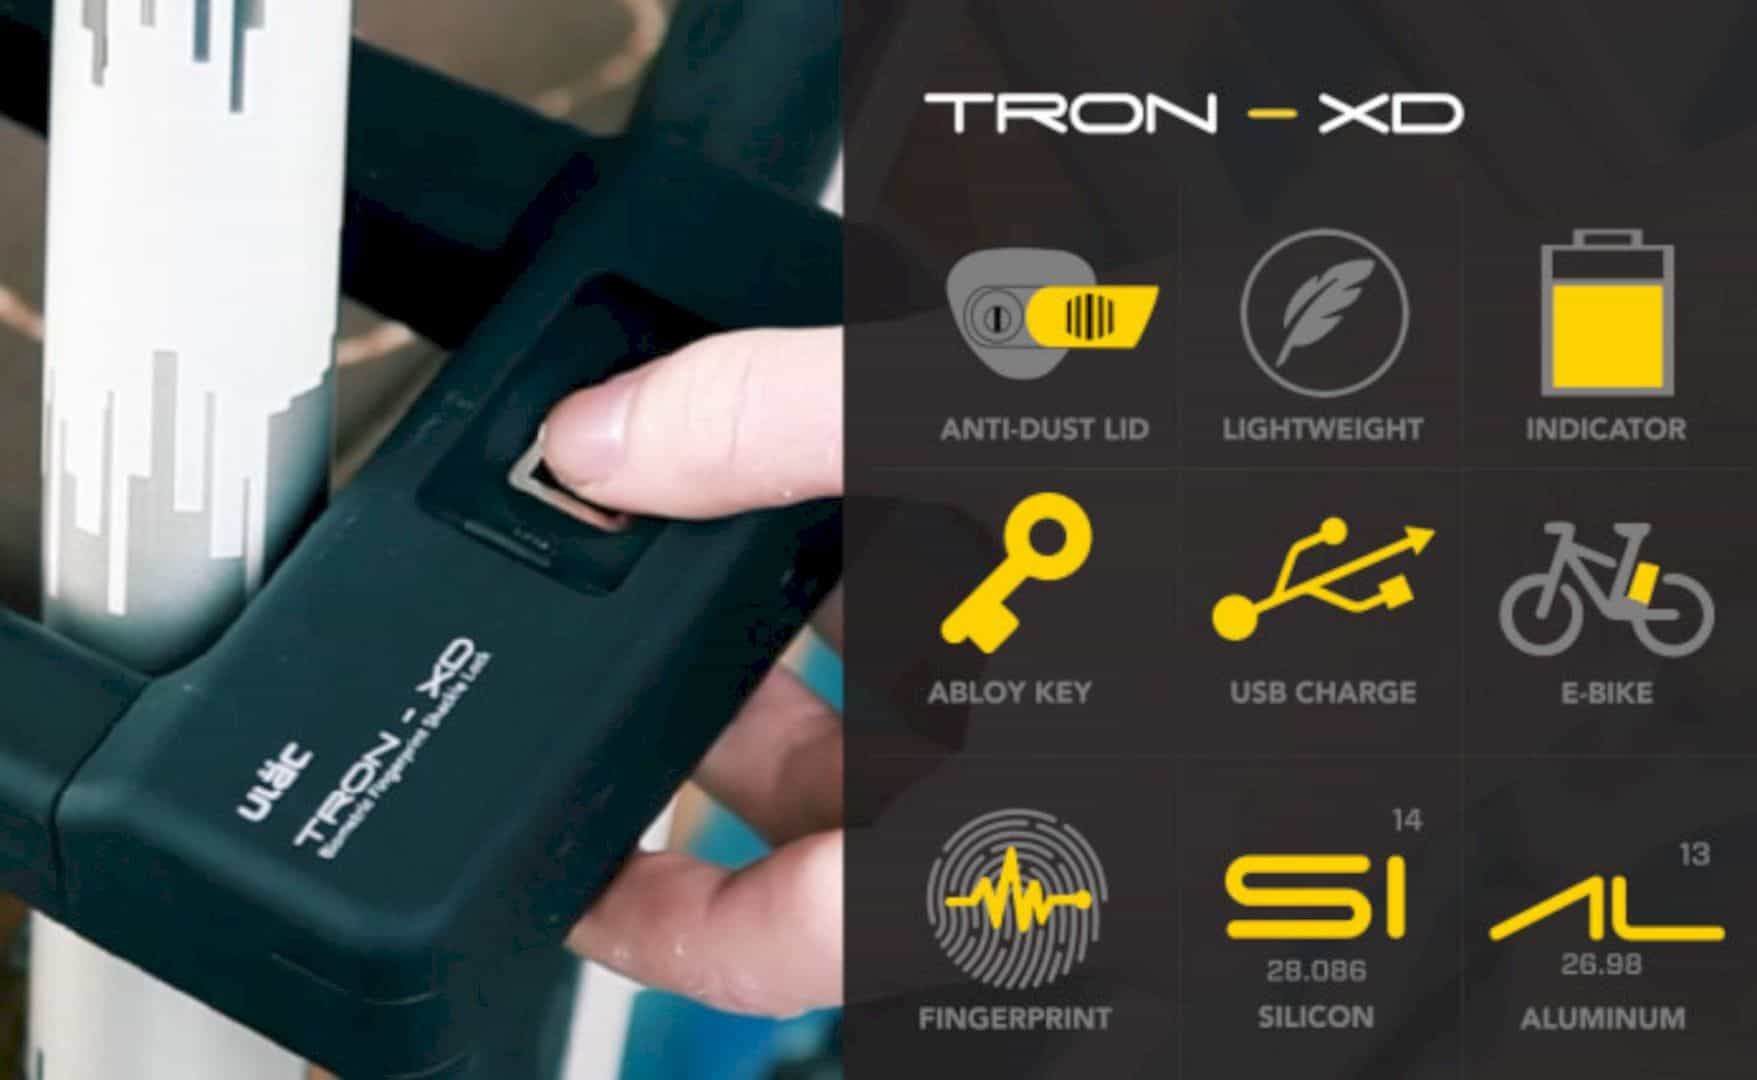 Tron Xd 2